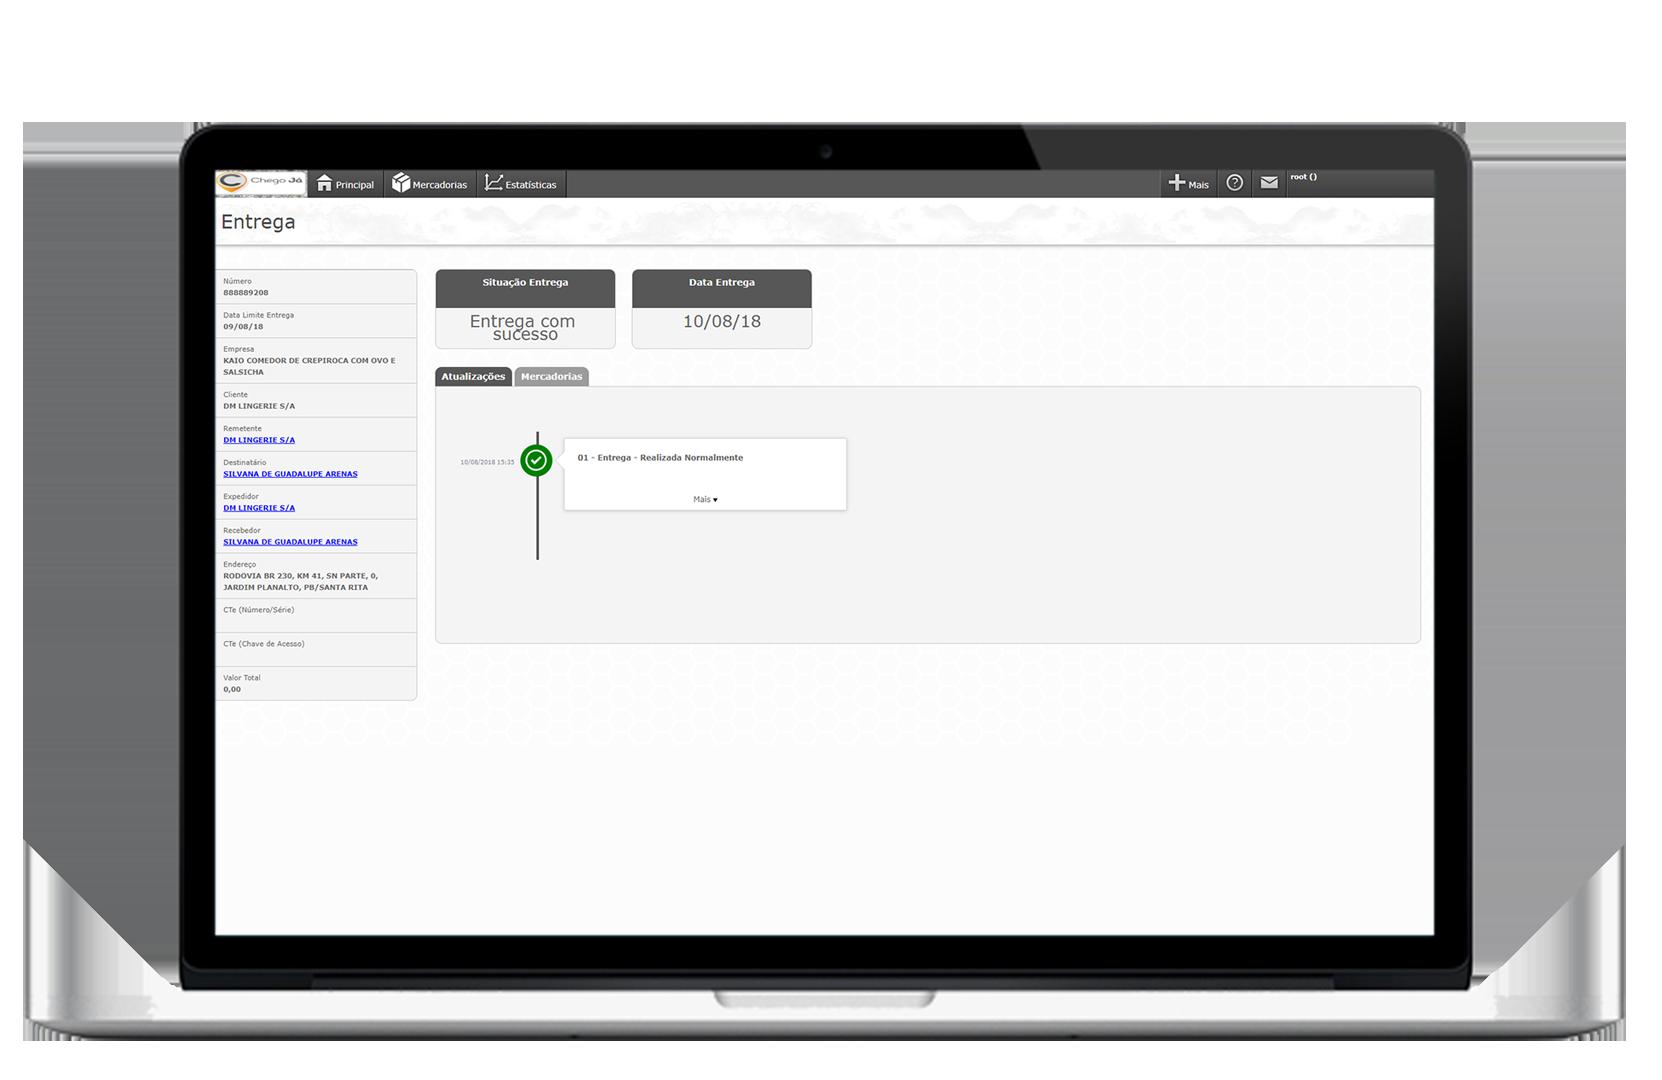 Monitoramento de entrega em tempo real